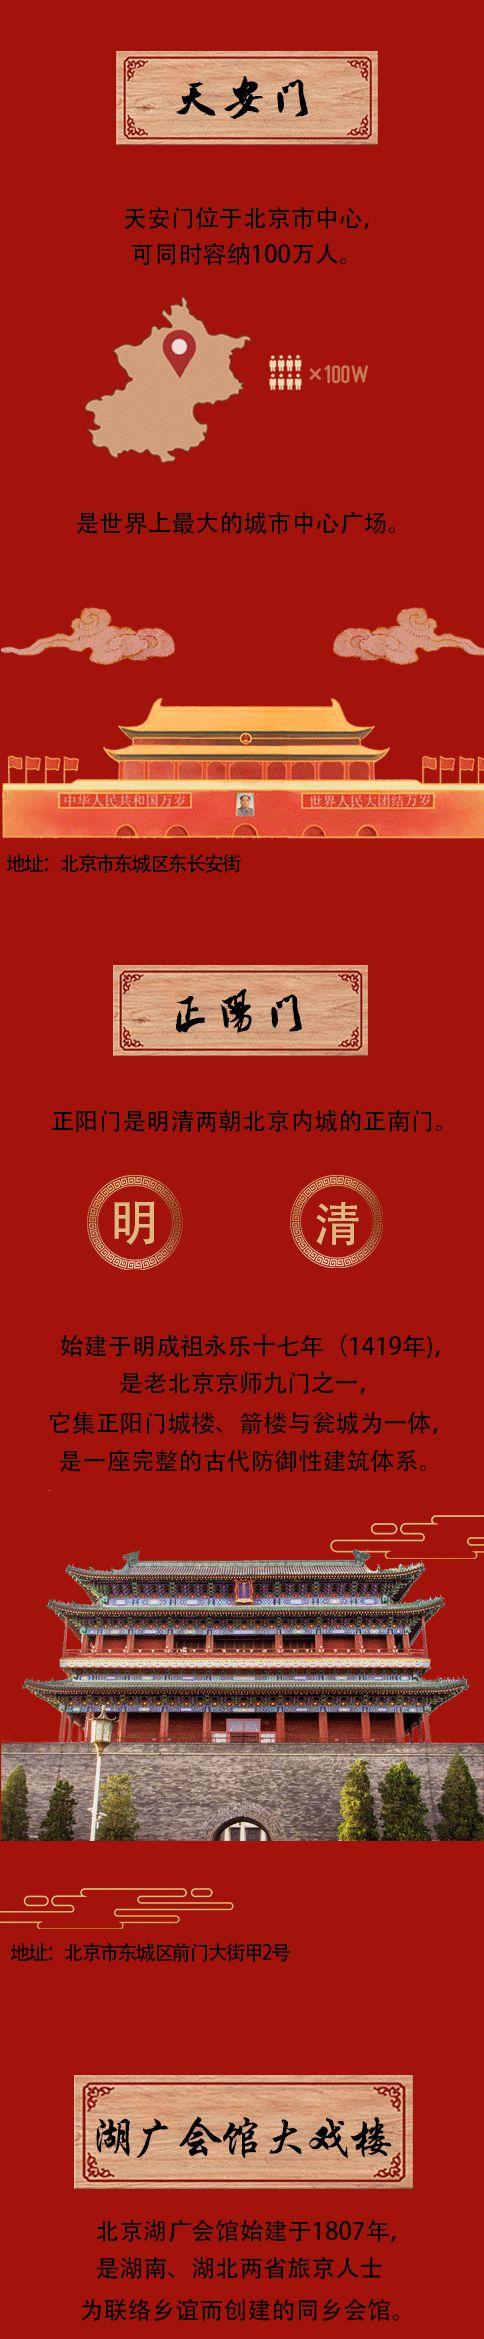 """红""""游""""记 打卡北京红色景区之景点、档案馆"""